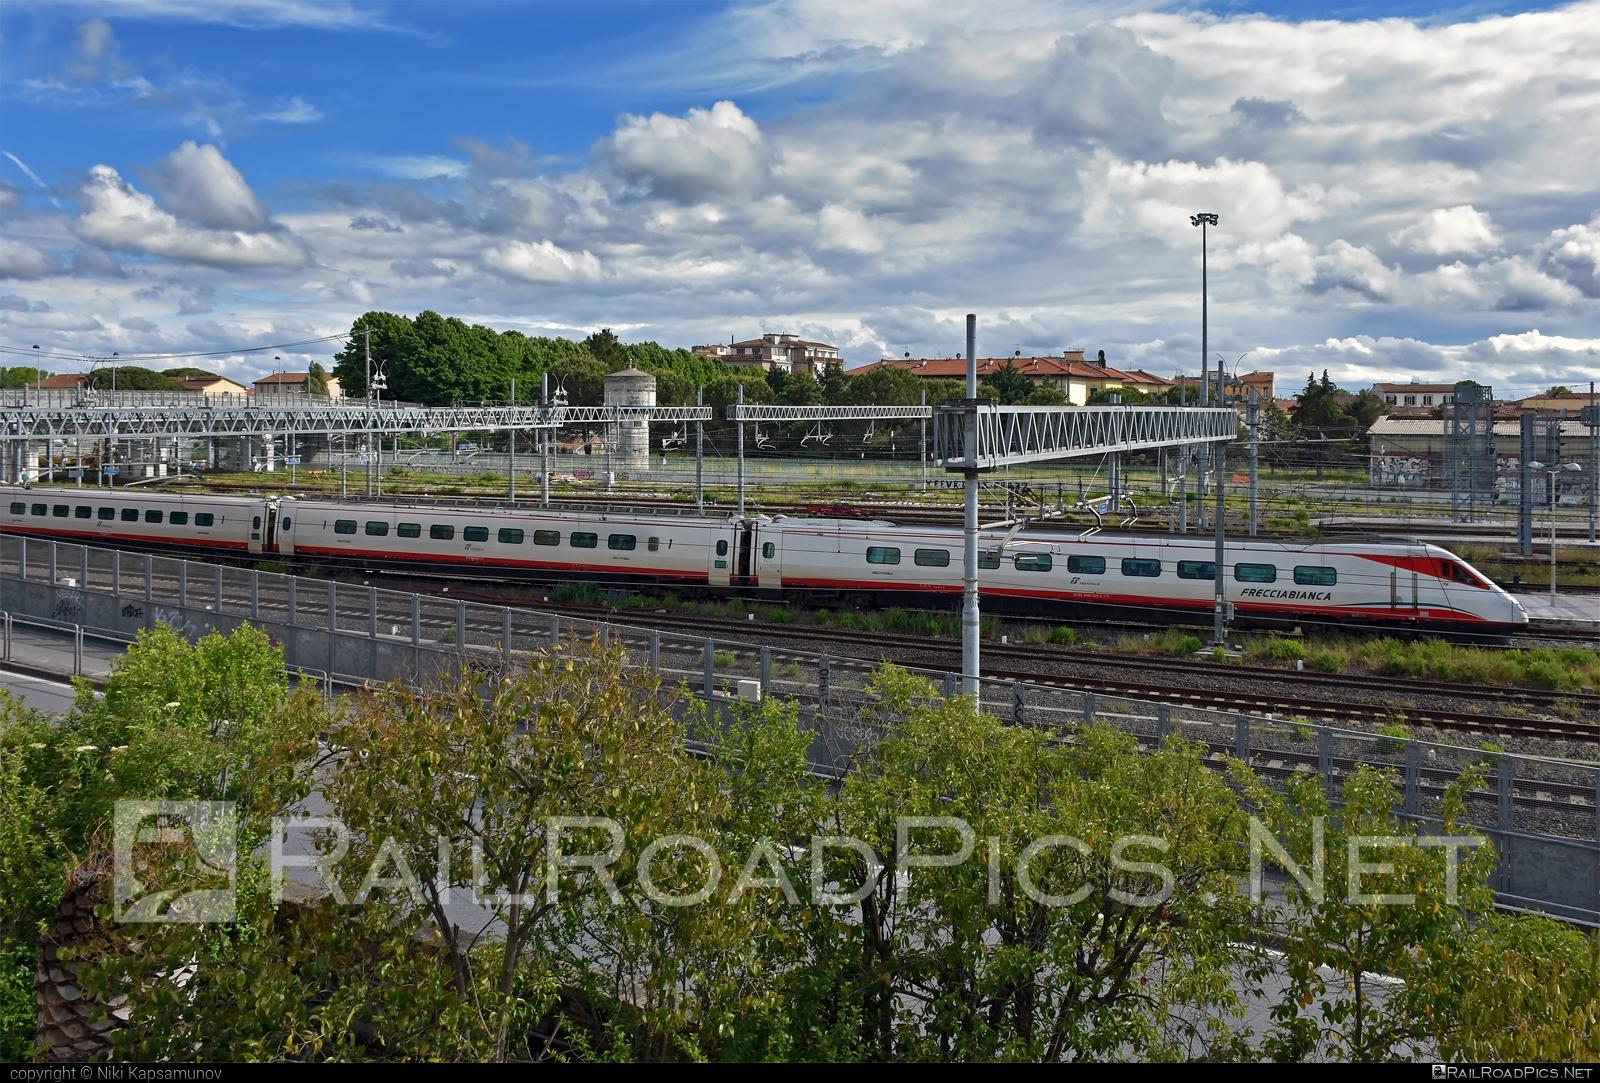 Fiat Ferroviaria ETR.460 - 460 005-4 operated by Trenitalia S.p.A. #etr460 #ferroviedellostato #fiatferroviaria #frecciabianca #fs #fsitaliane #lefrecce #pendolino #trenitalia #trenitaliaspa